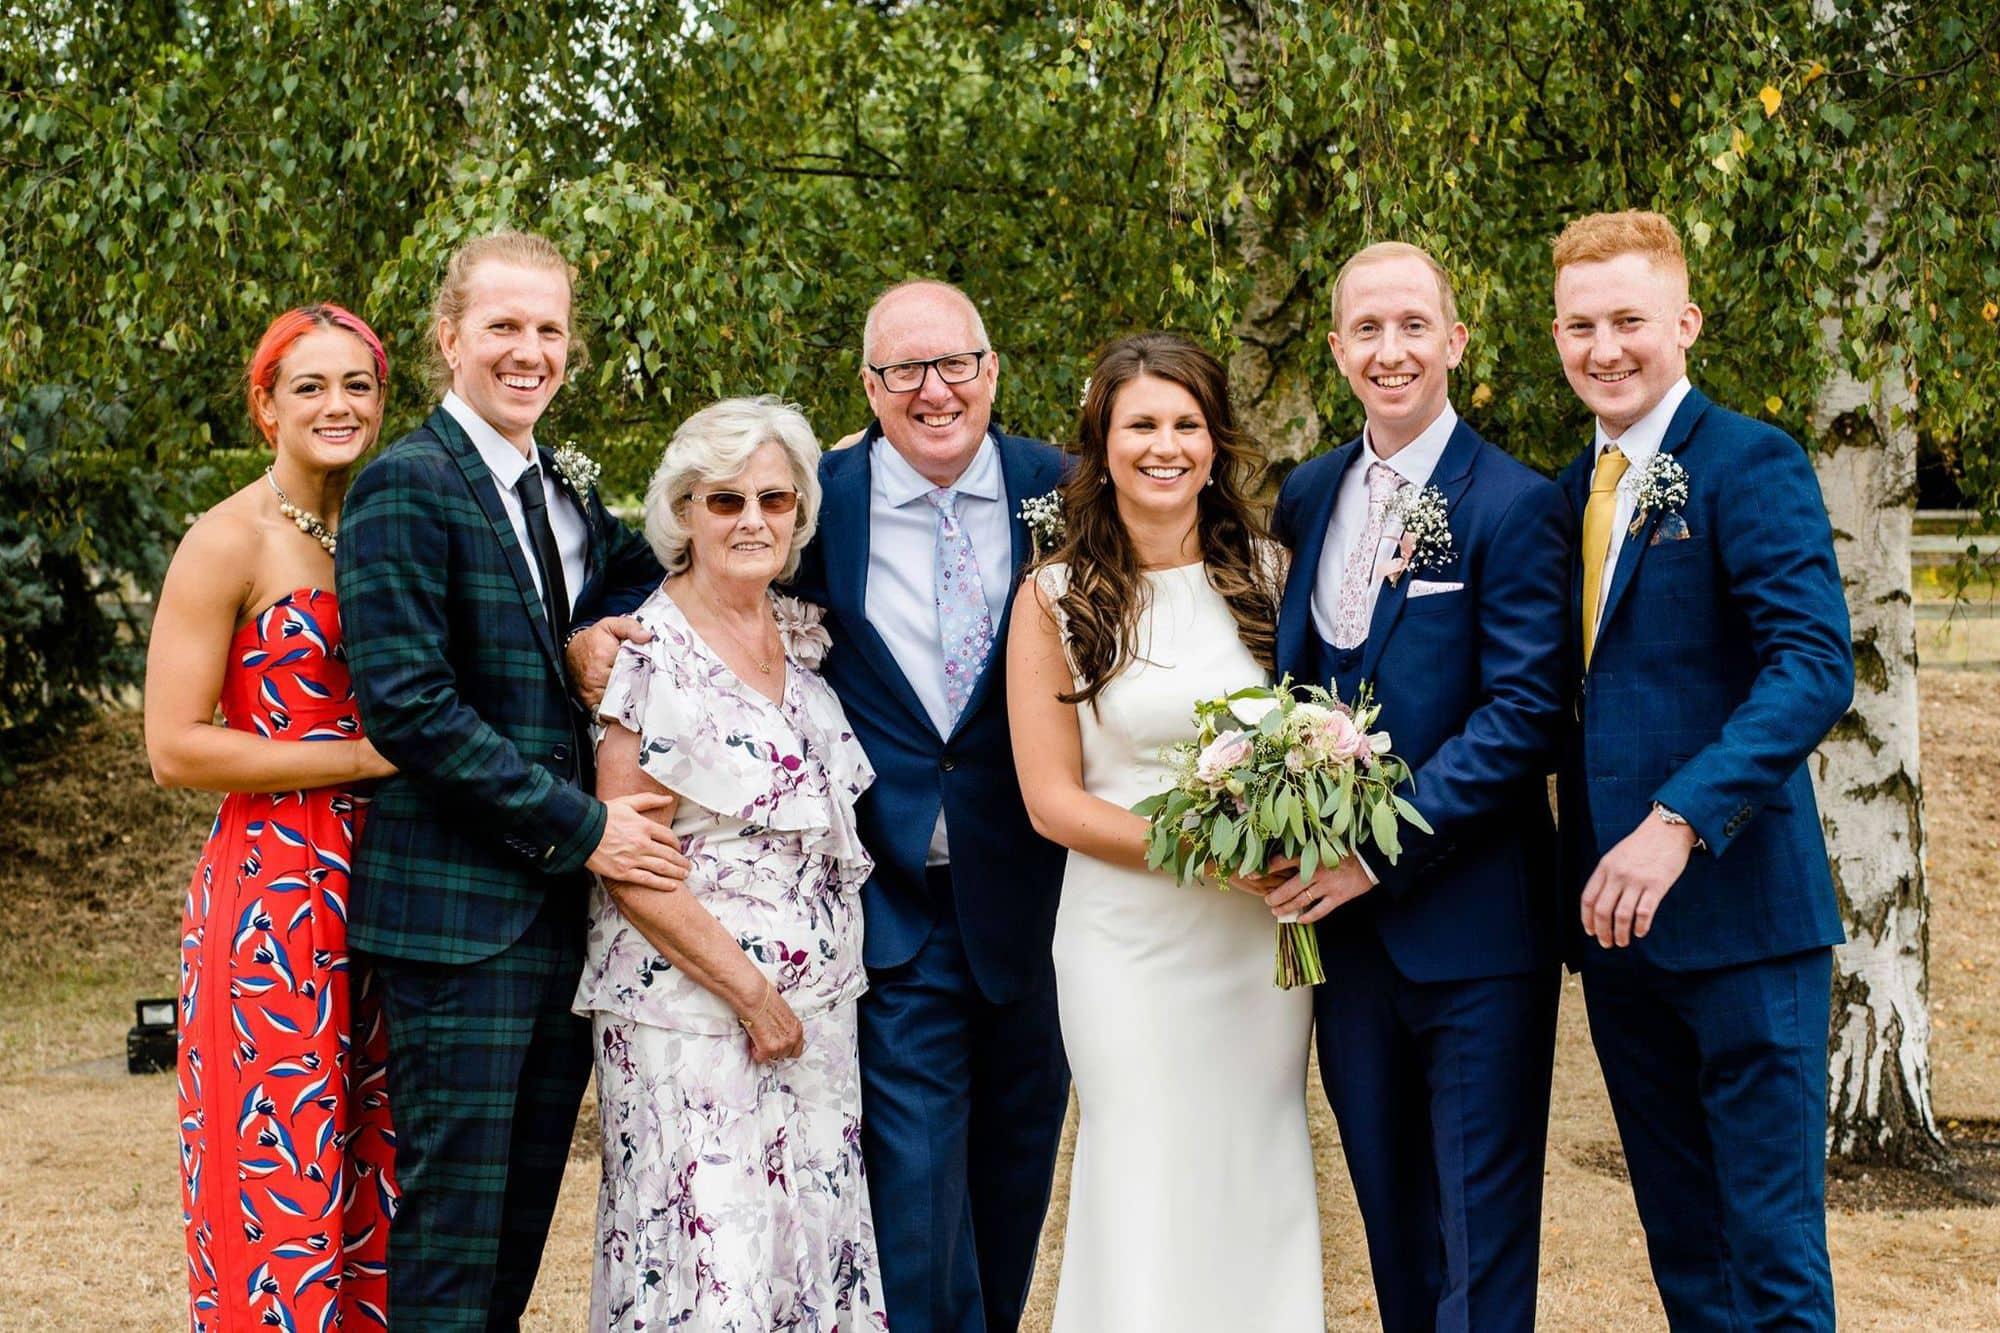 A family wedding photograph